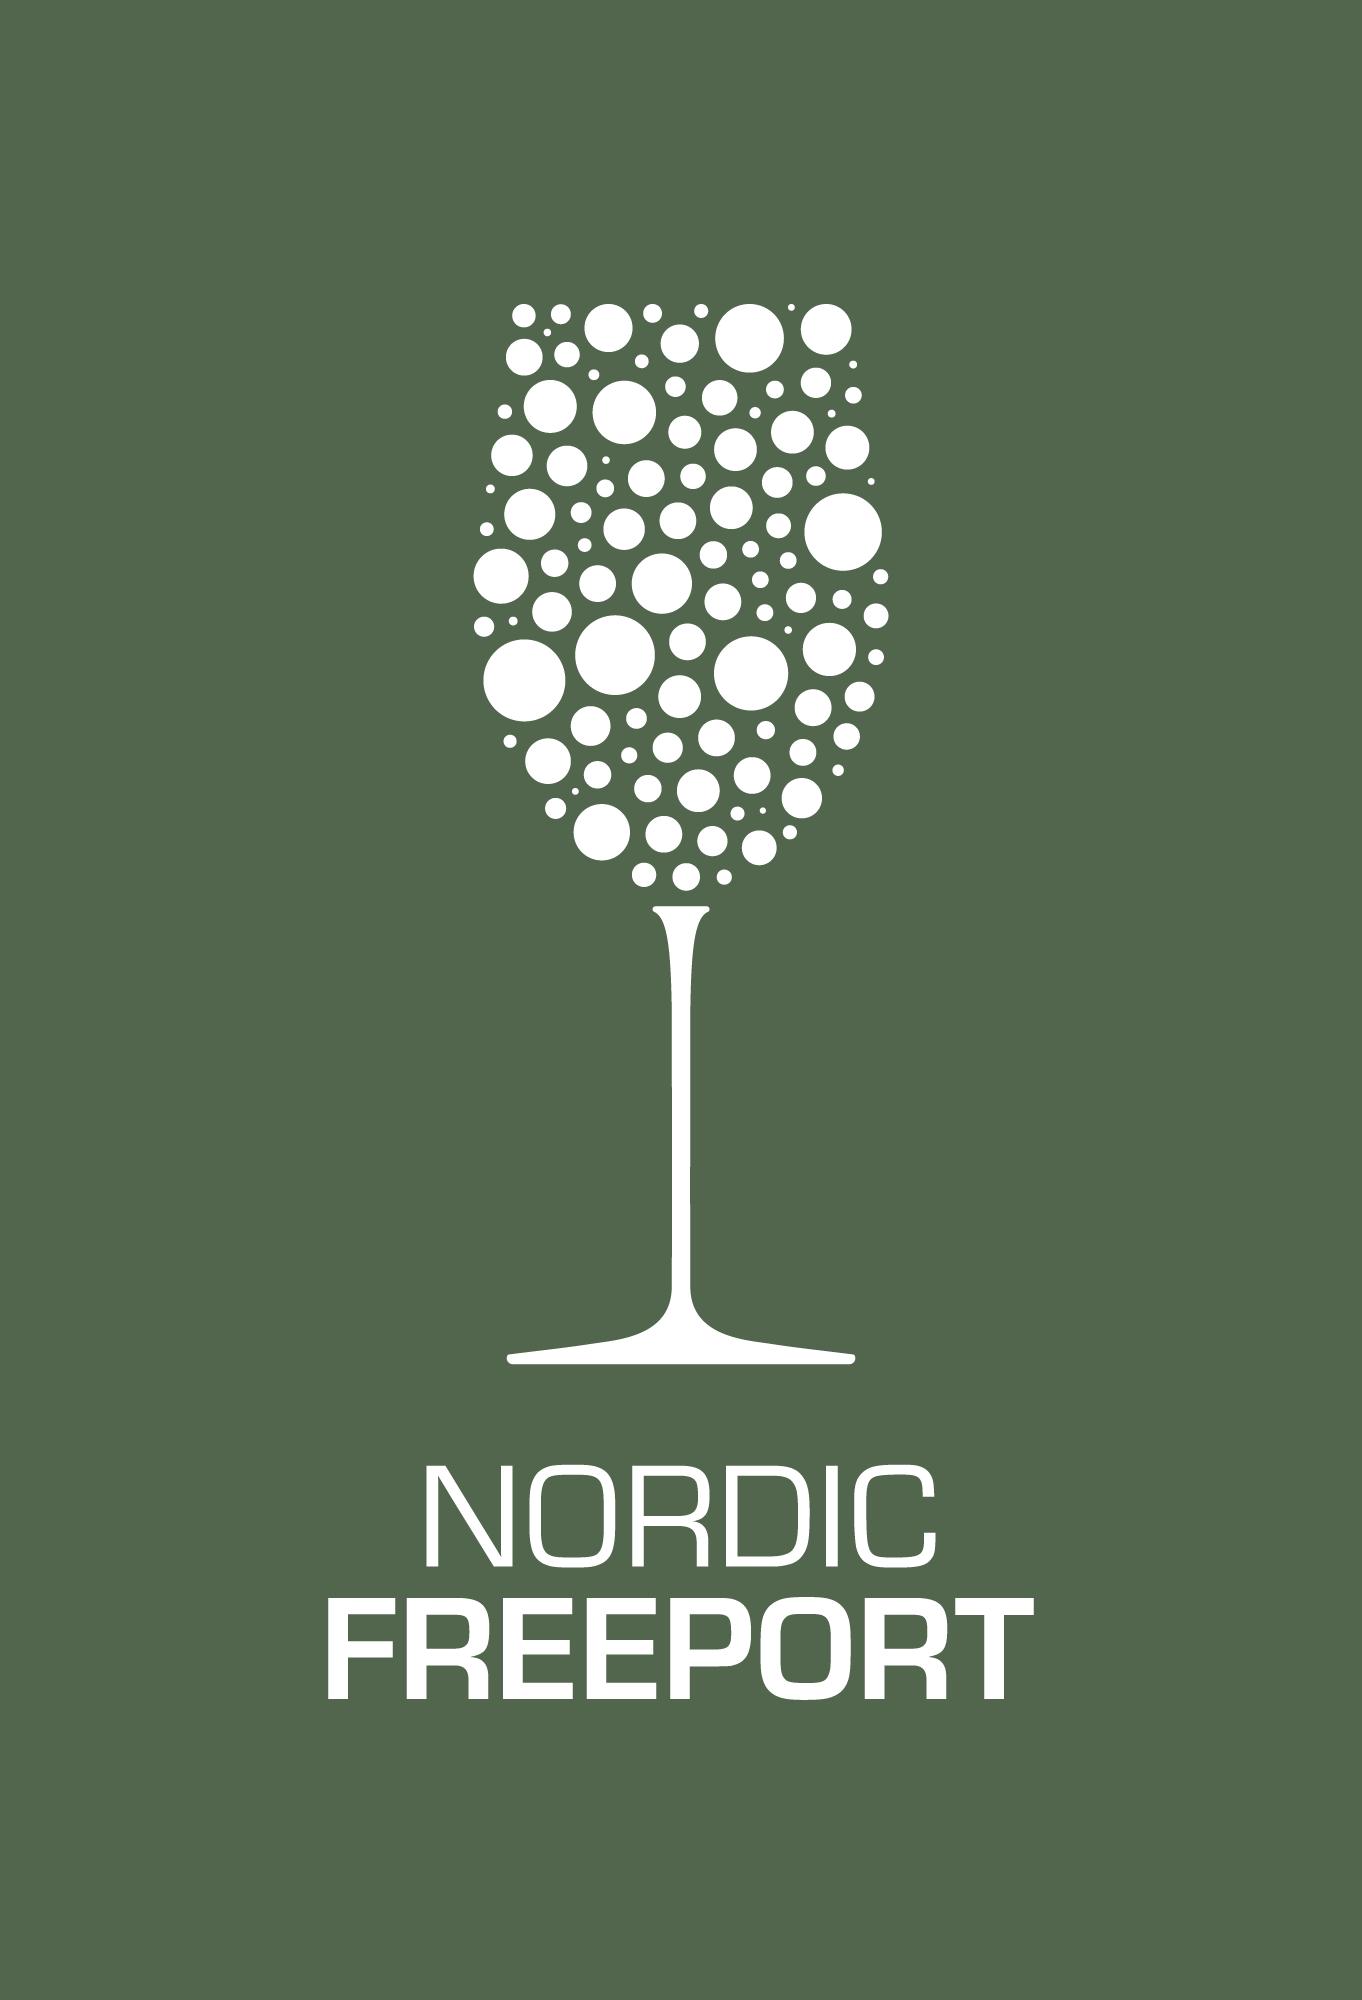 Nordic Freeport